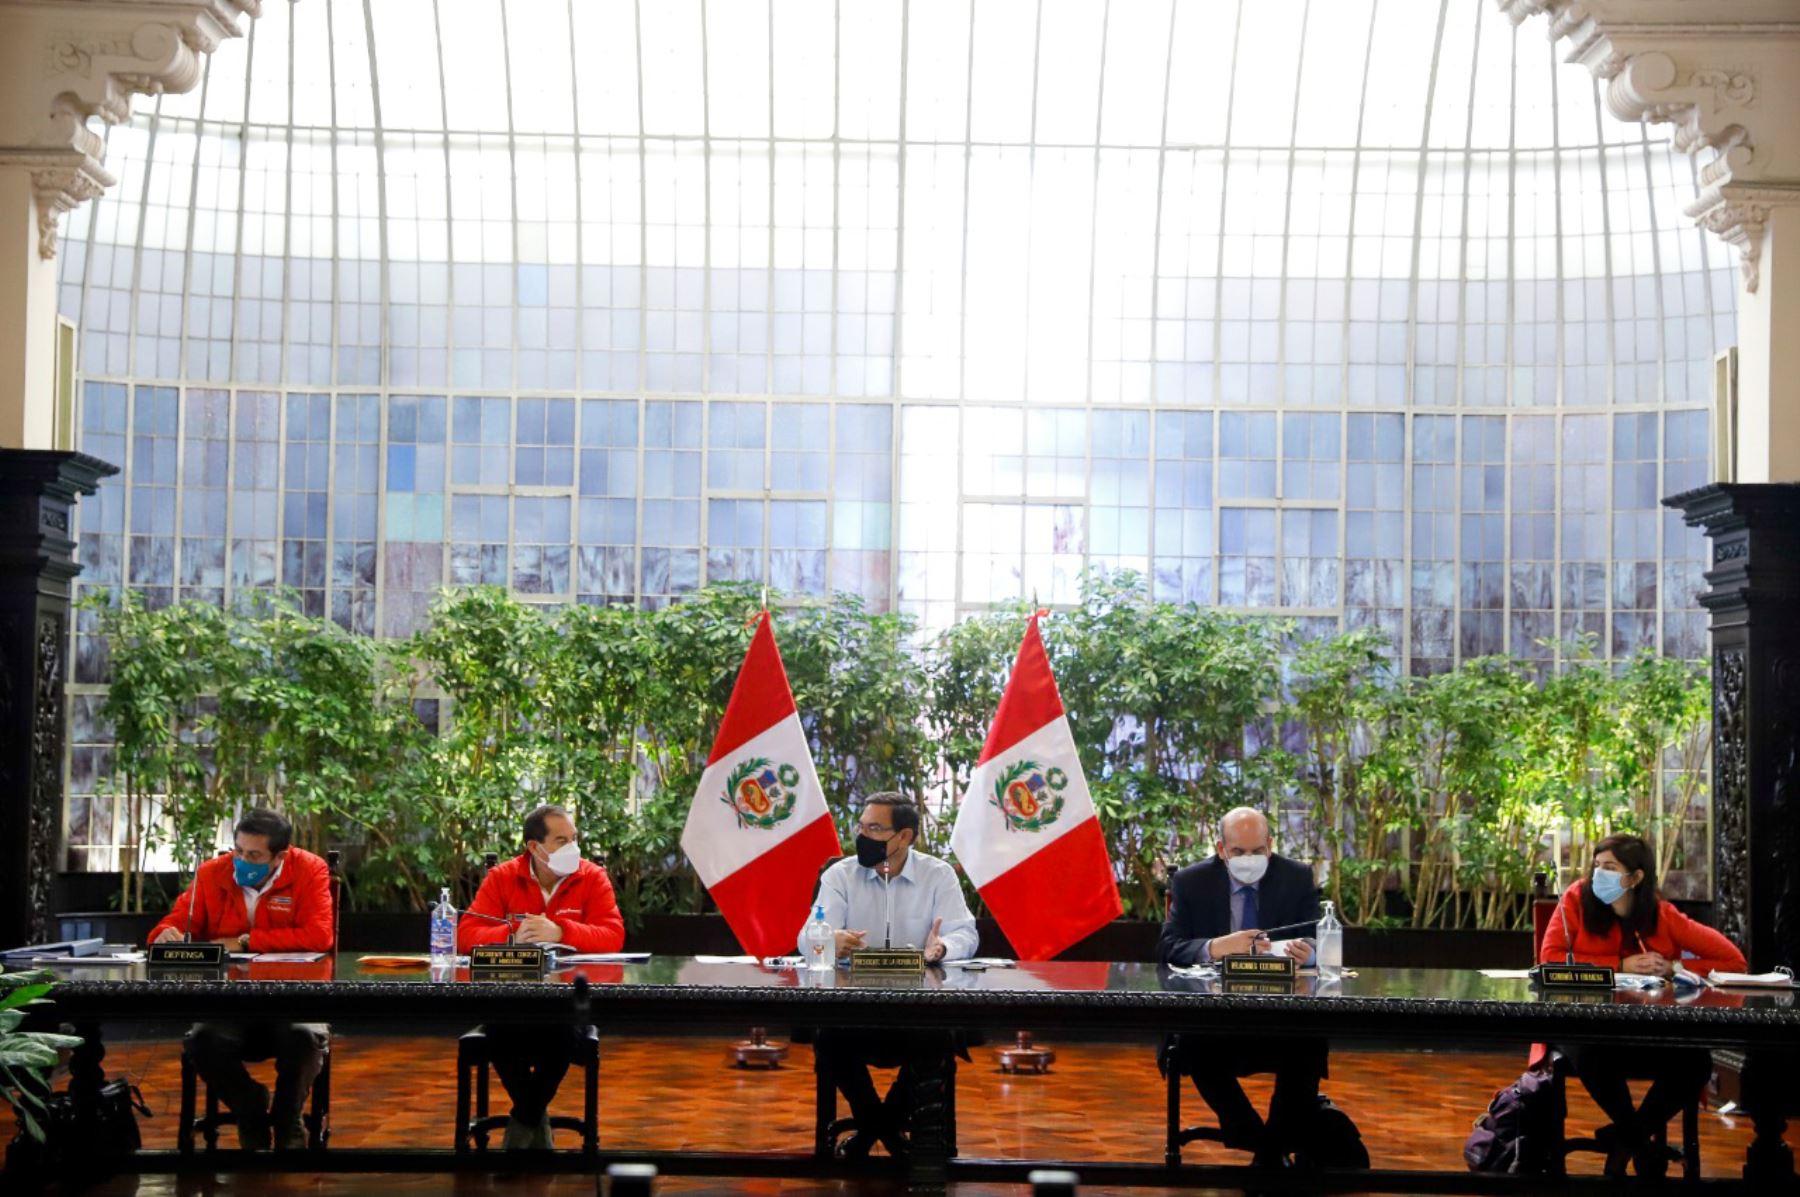 El presidente Martin Vizcarra, junto al titular de la PCM,  Walter Martos, evalúan medidas para hacer frente a la pandemia y continuar con la reactivación económica. Foto: ANDINA/Prensa Presidencia